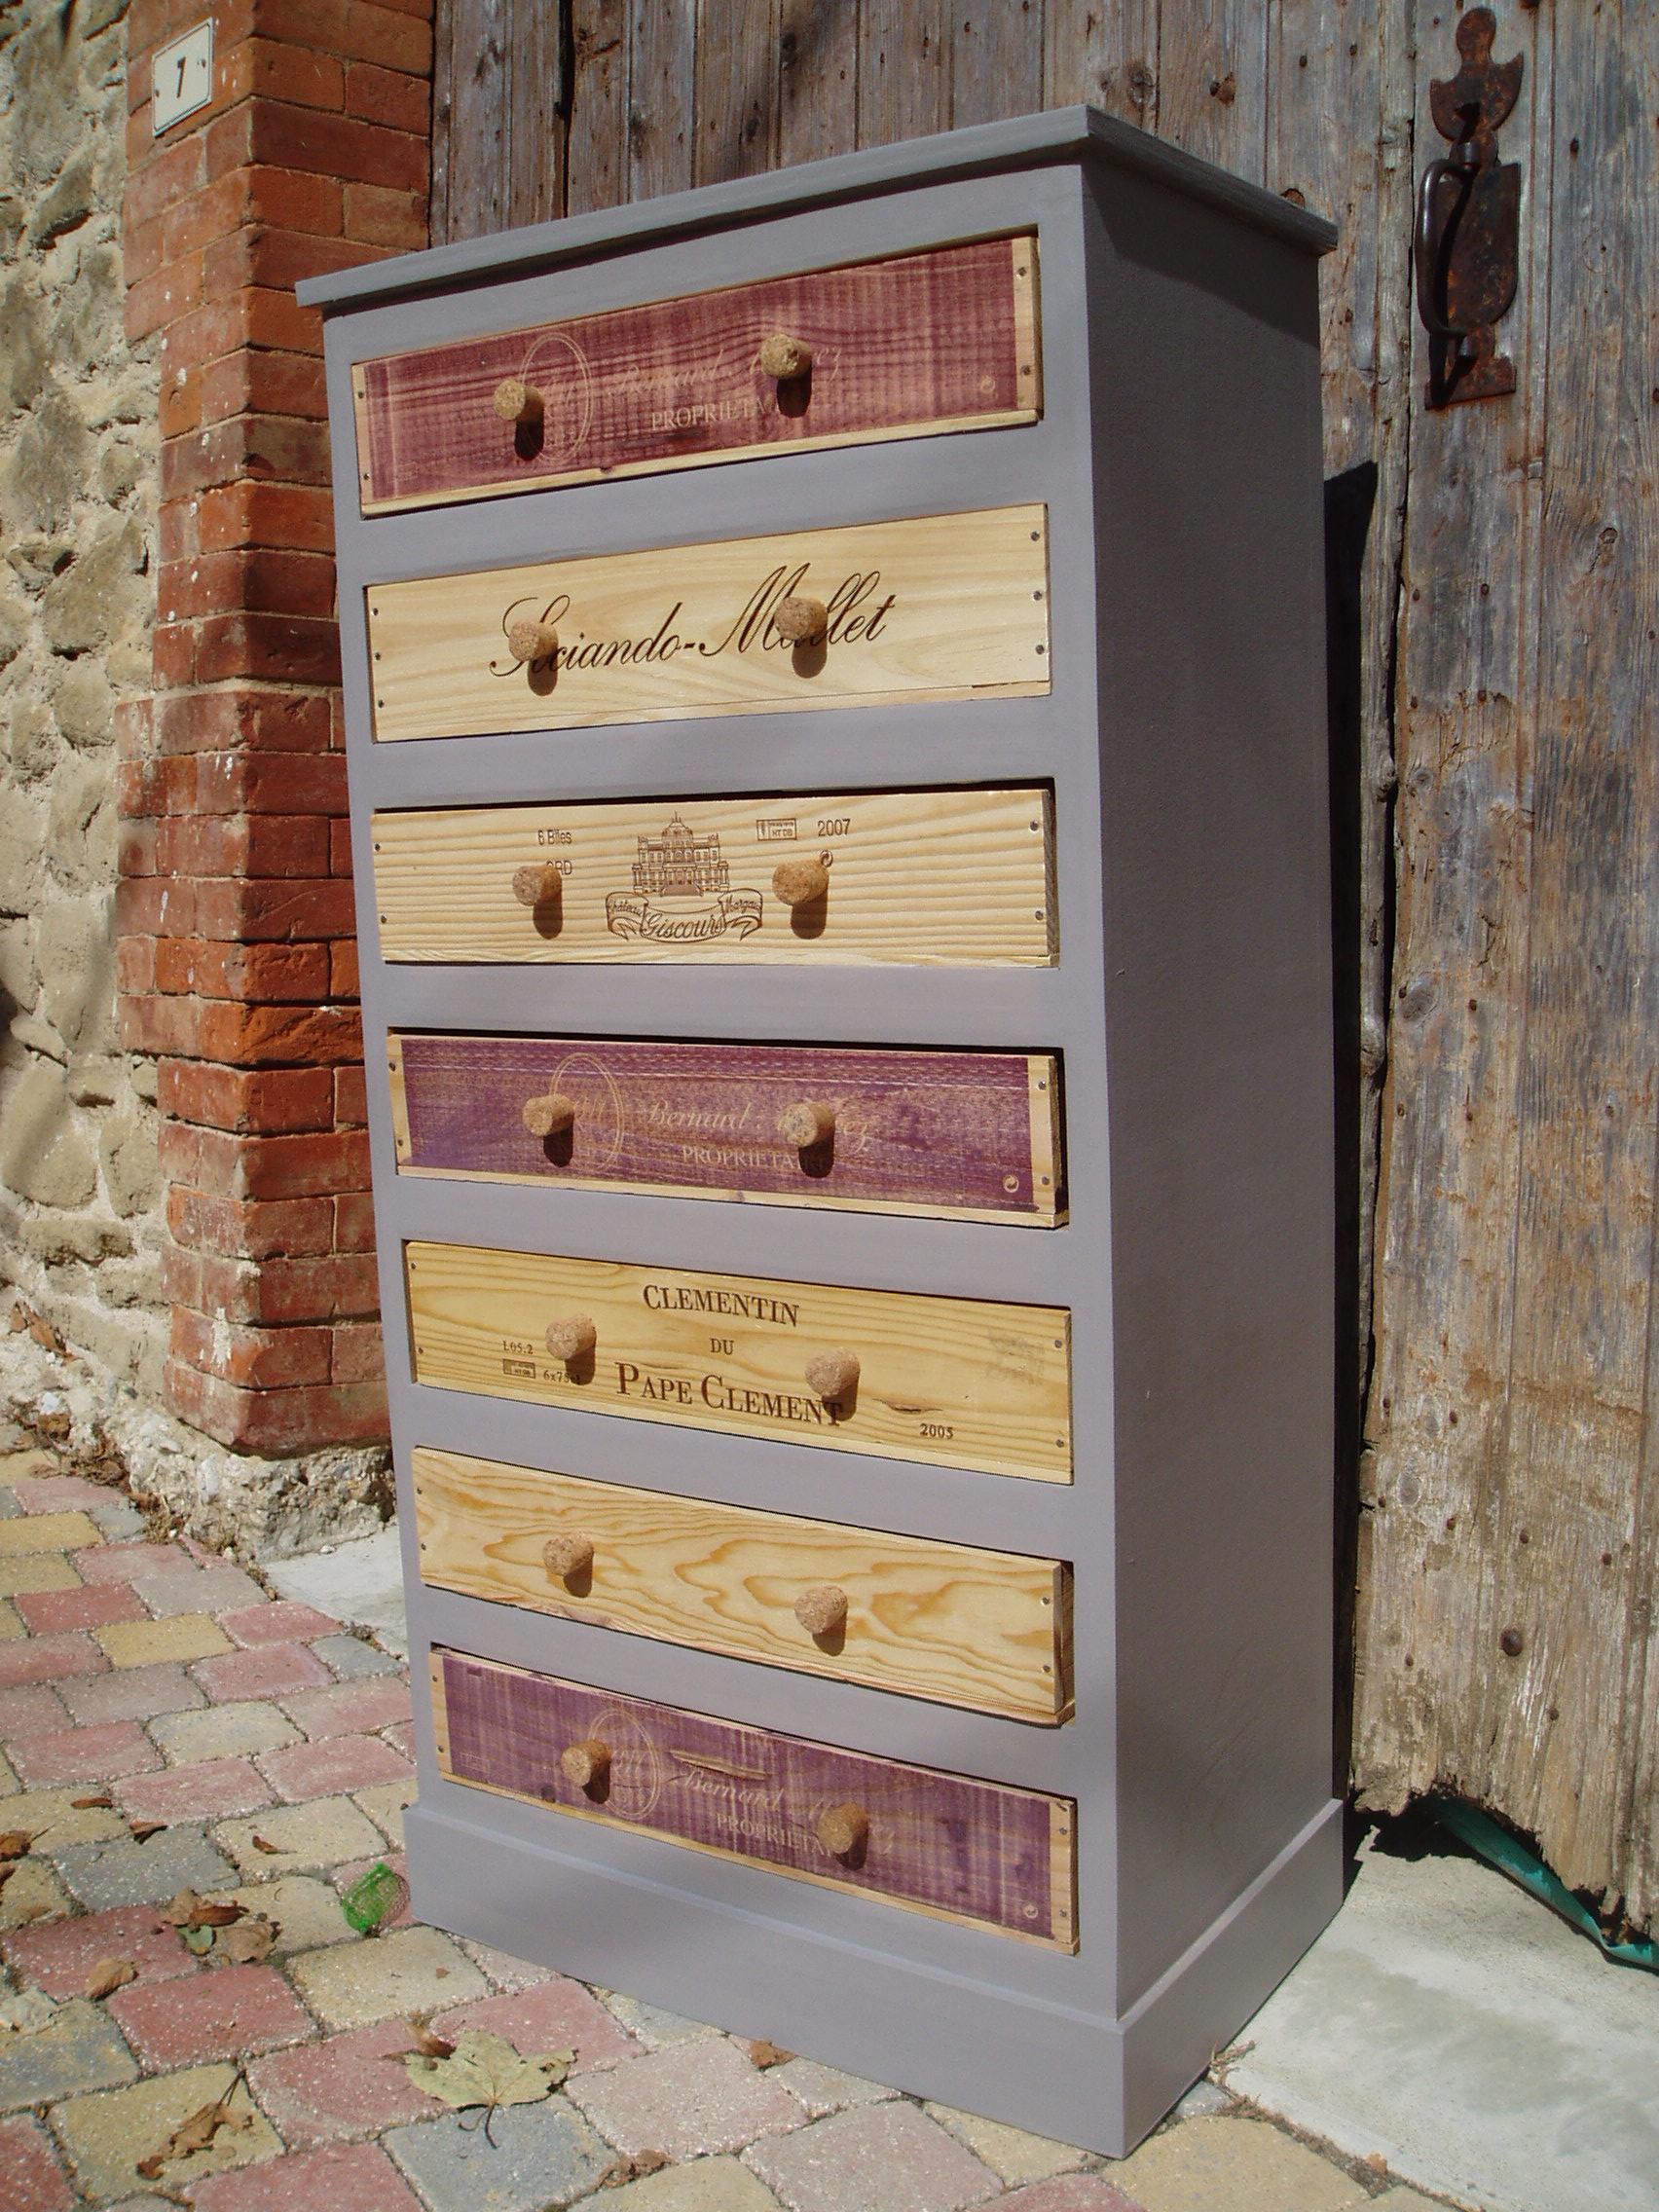 Fdeco agencement 4 id es m langeant carton et caisses de vin - Caisse de vin en bois le bon coin ...